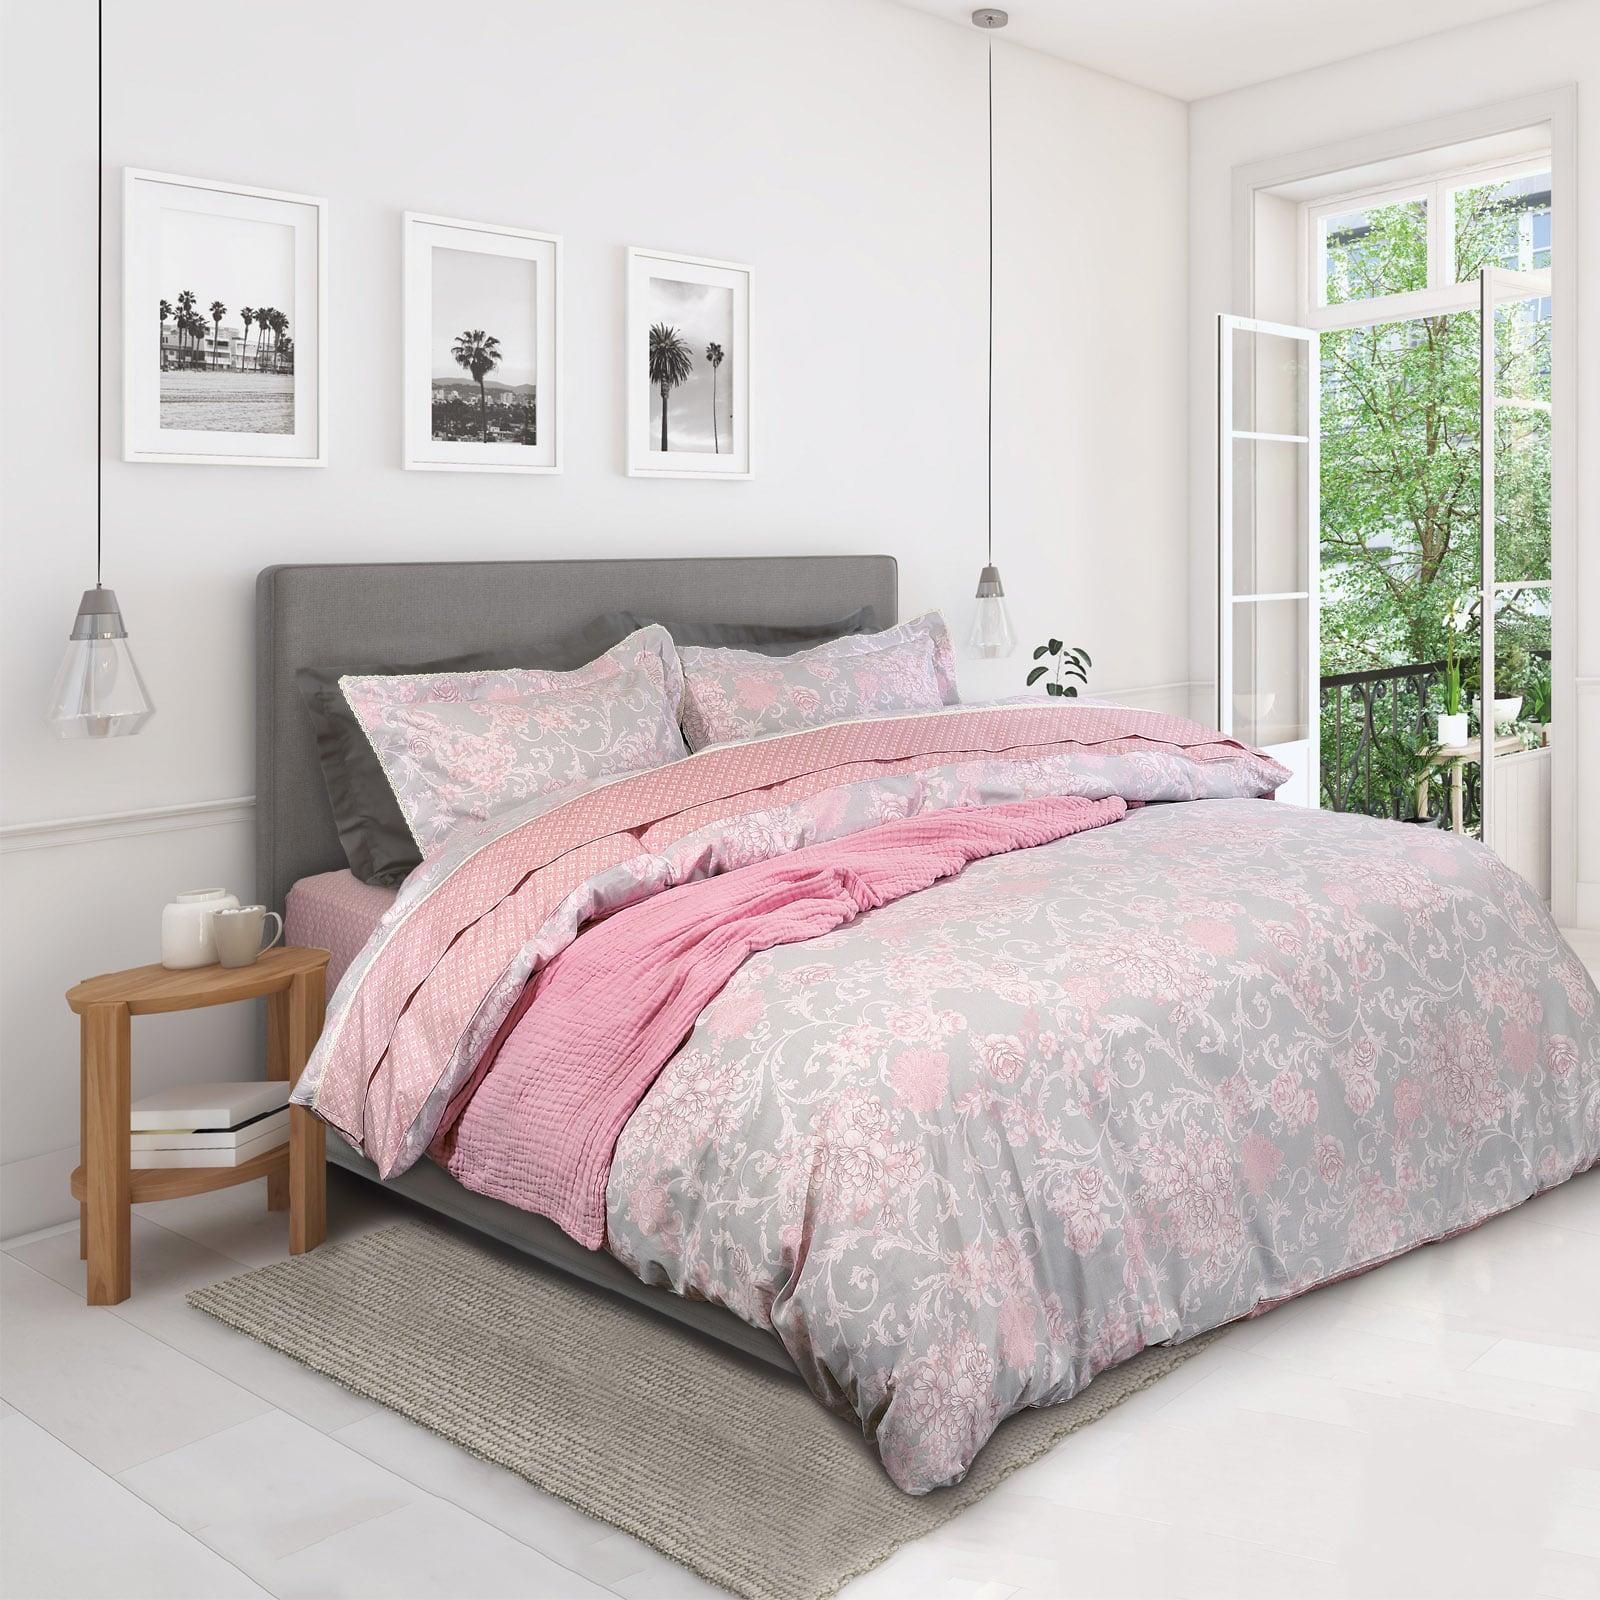 Κουβερλί Σετ 3τμχ 1625 Prestige Grey-Pink Das Home Υπέρδιπλo 220x240cm